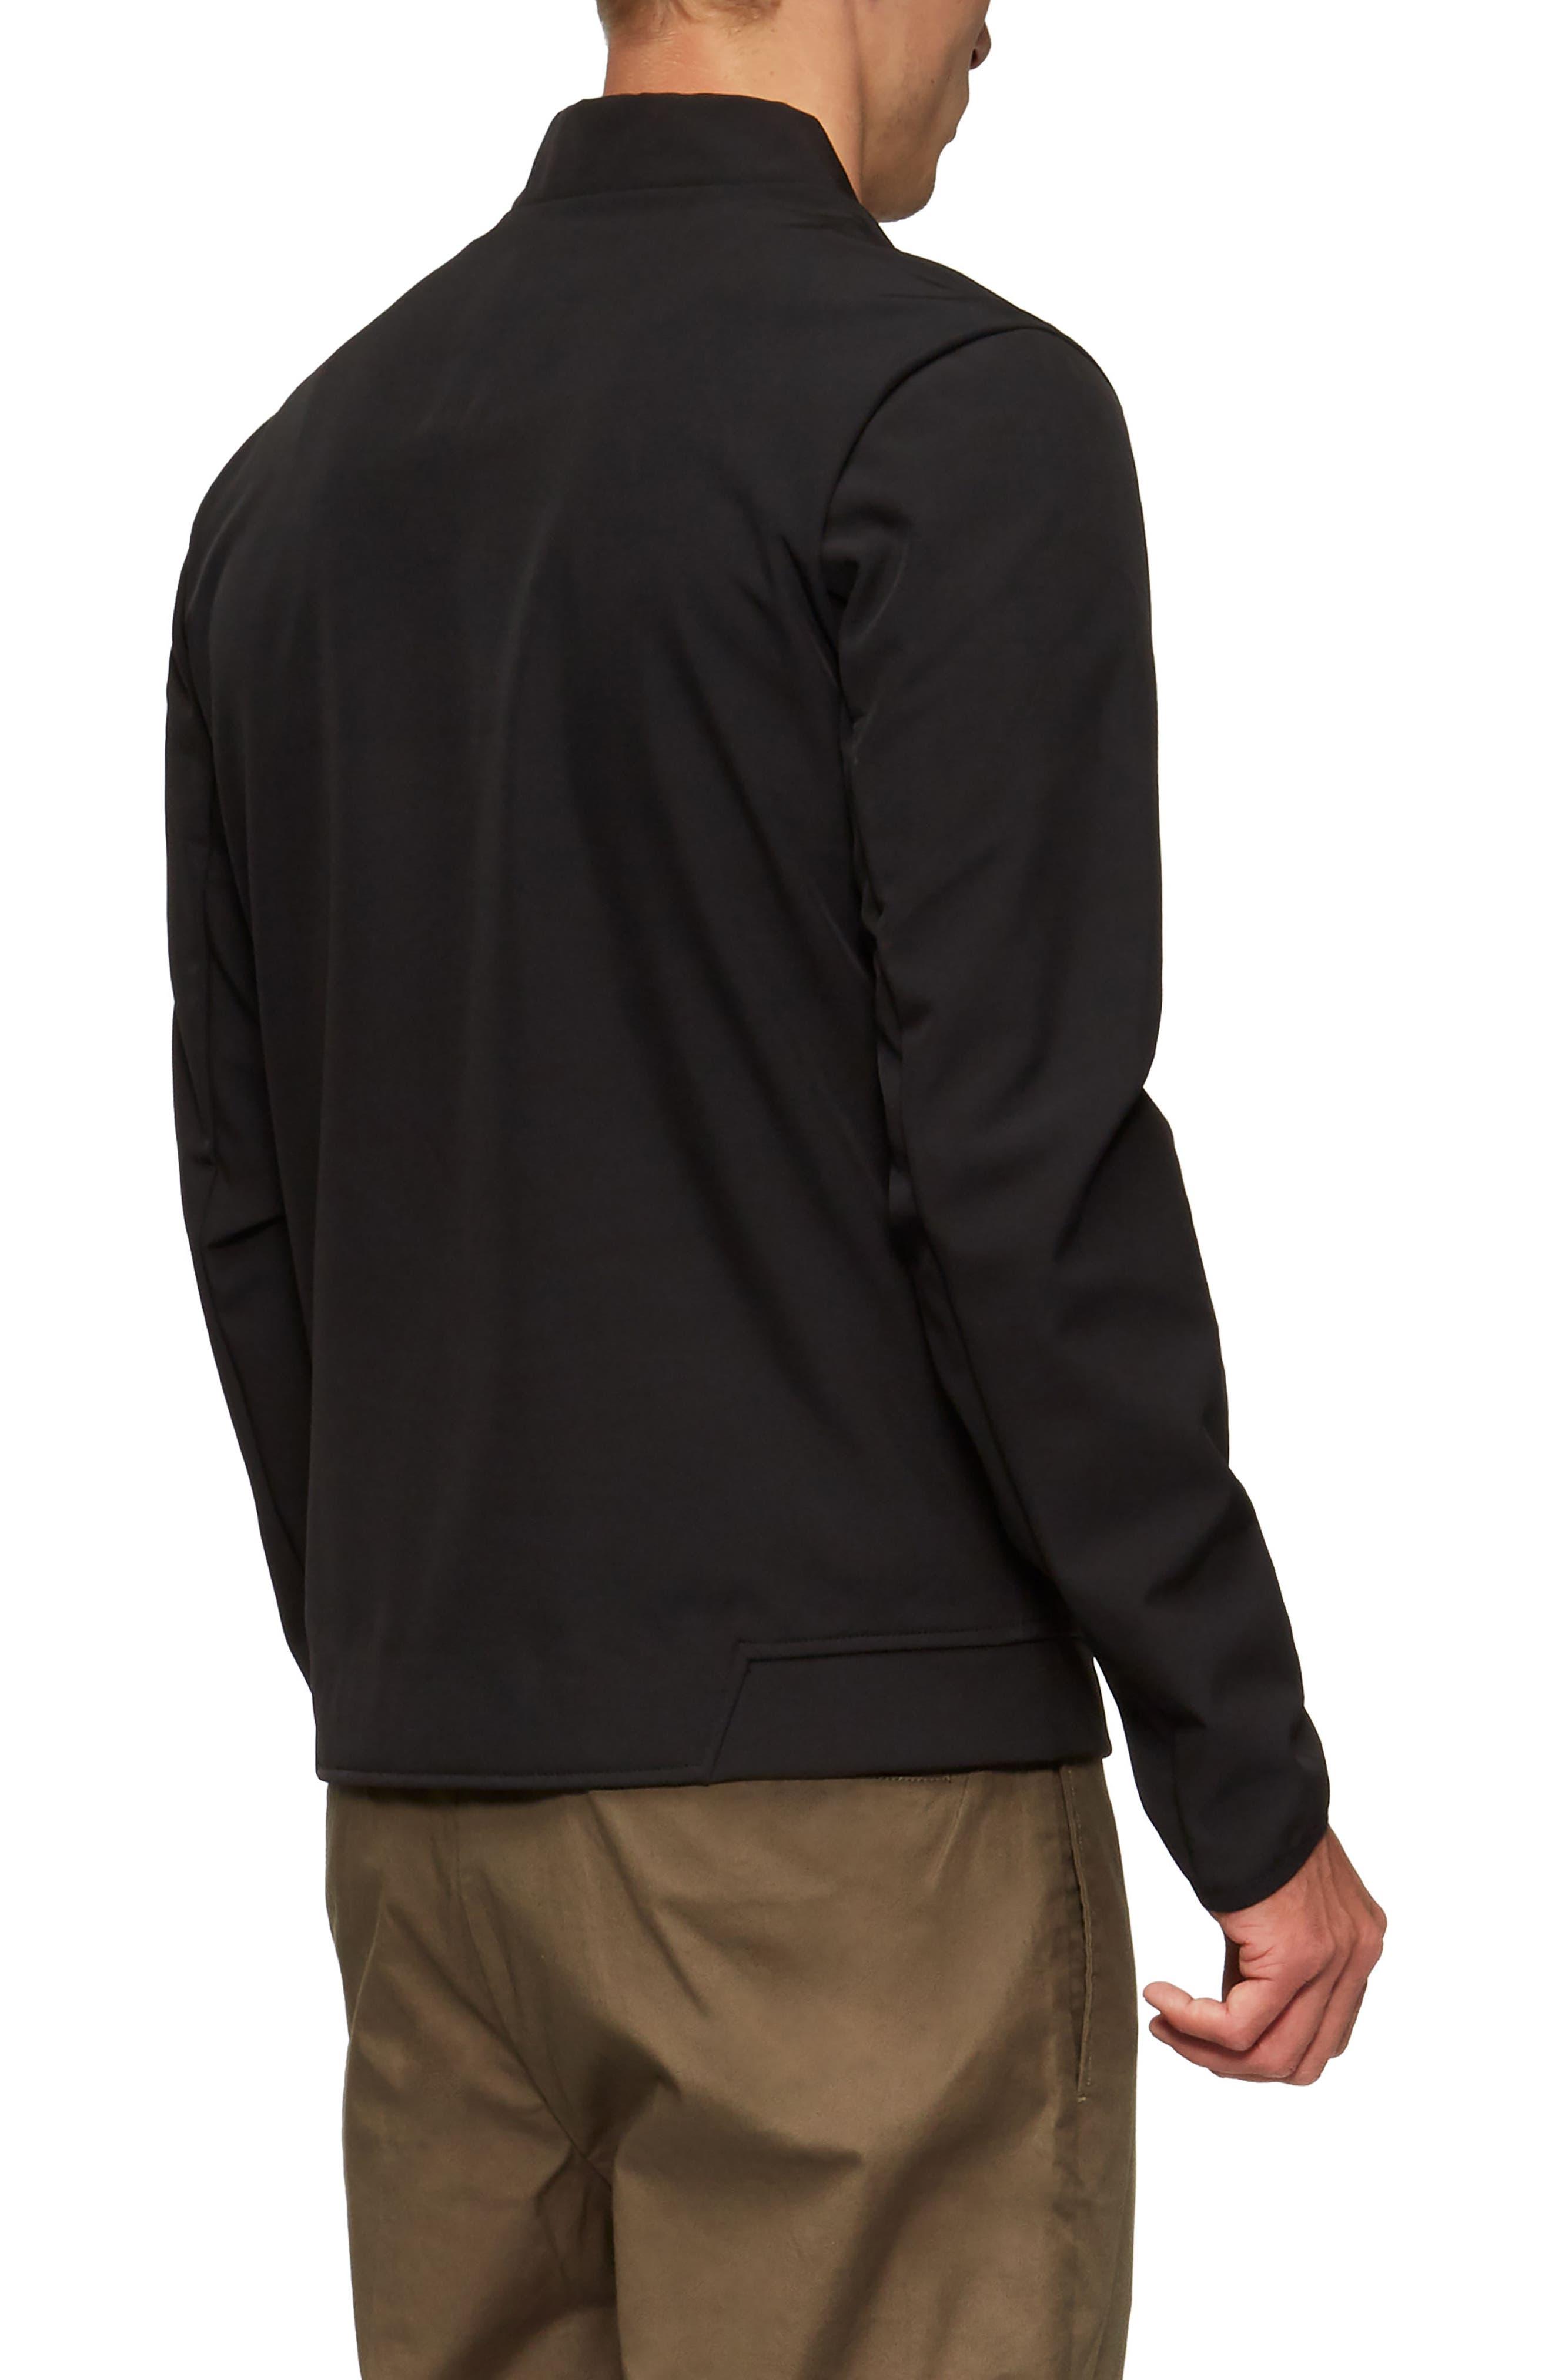 Decoy Fleece Jacket,                             Alternate thumbnail 2, color,                             001